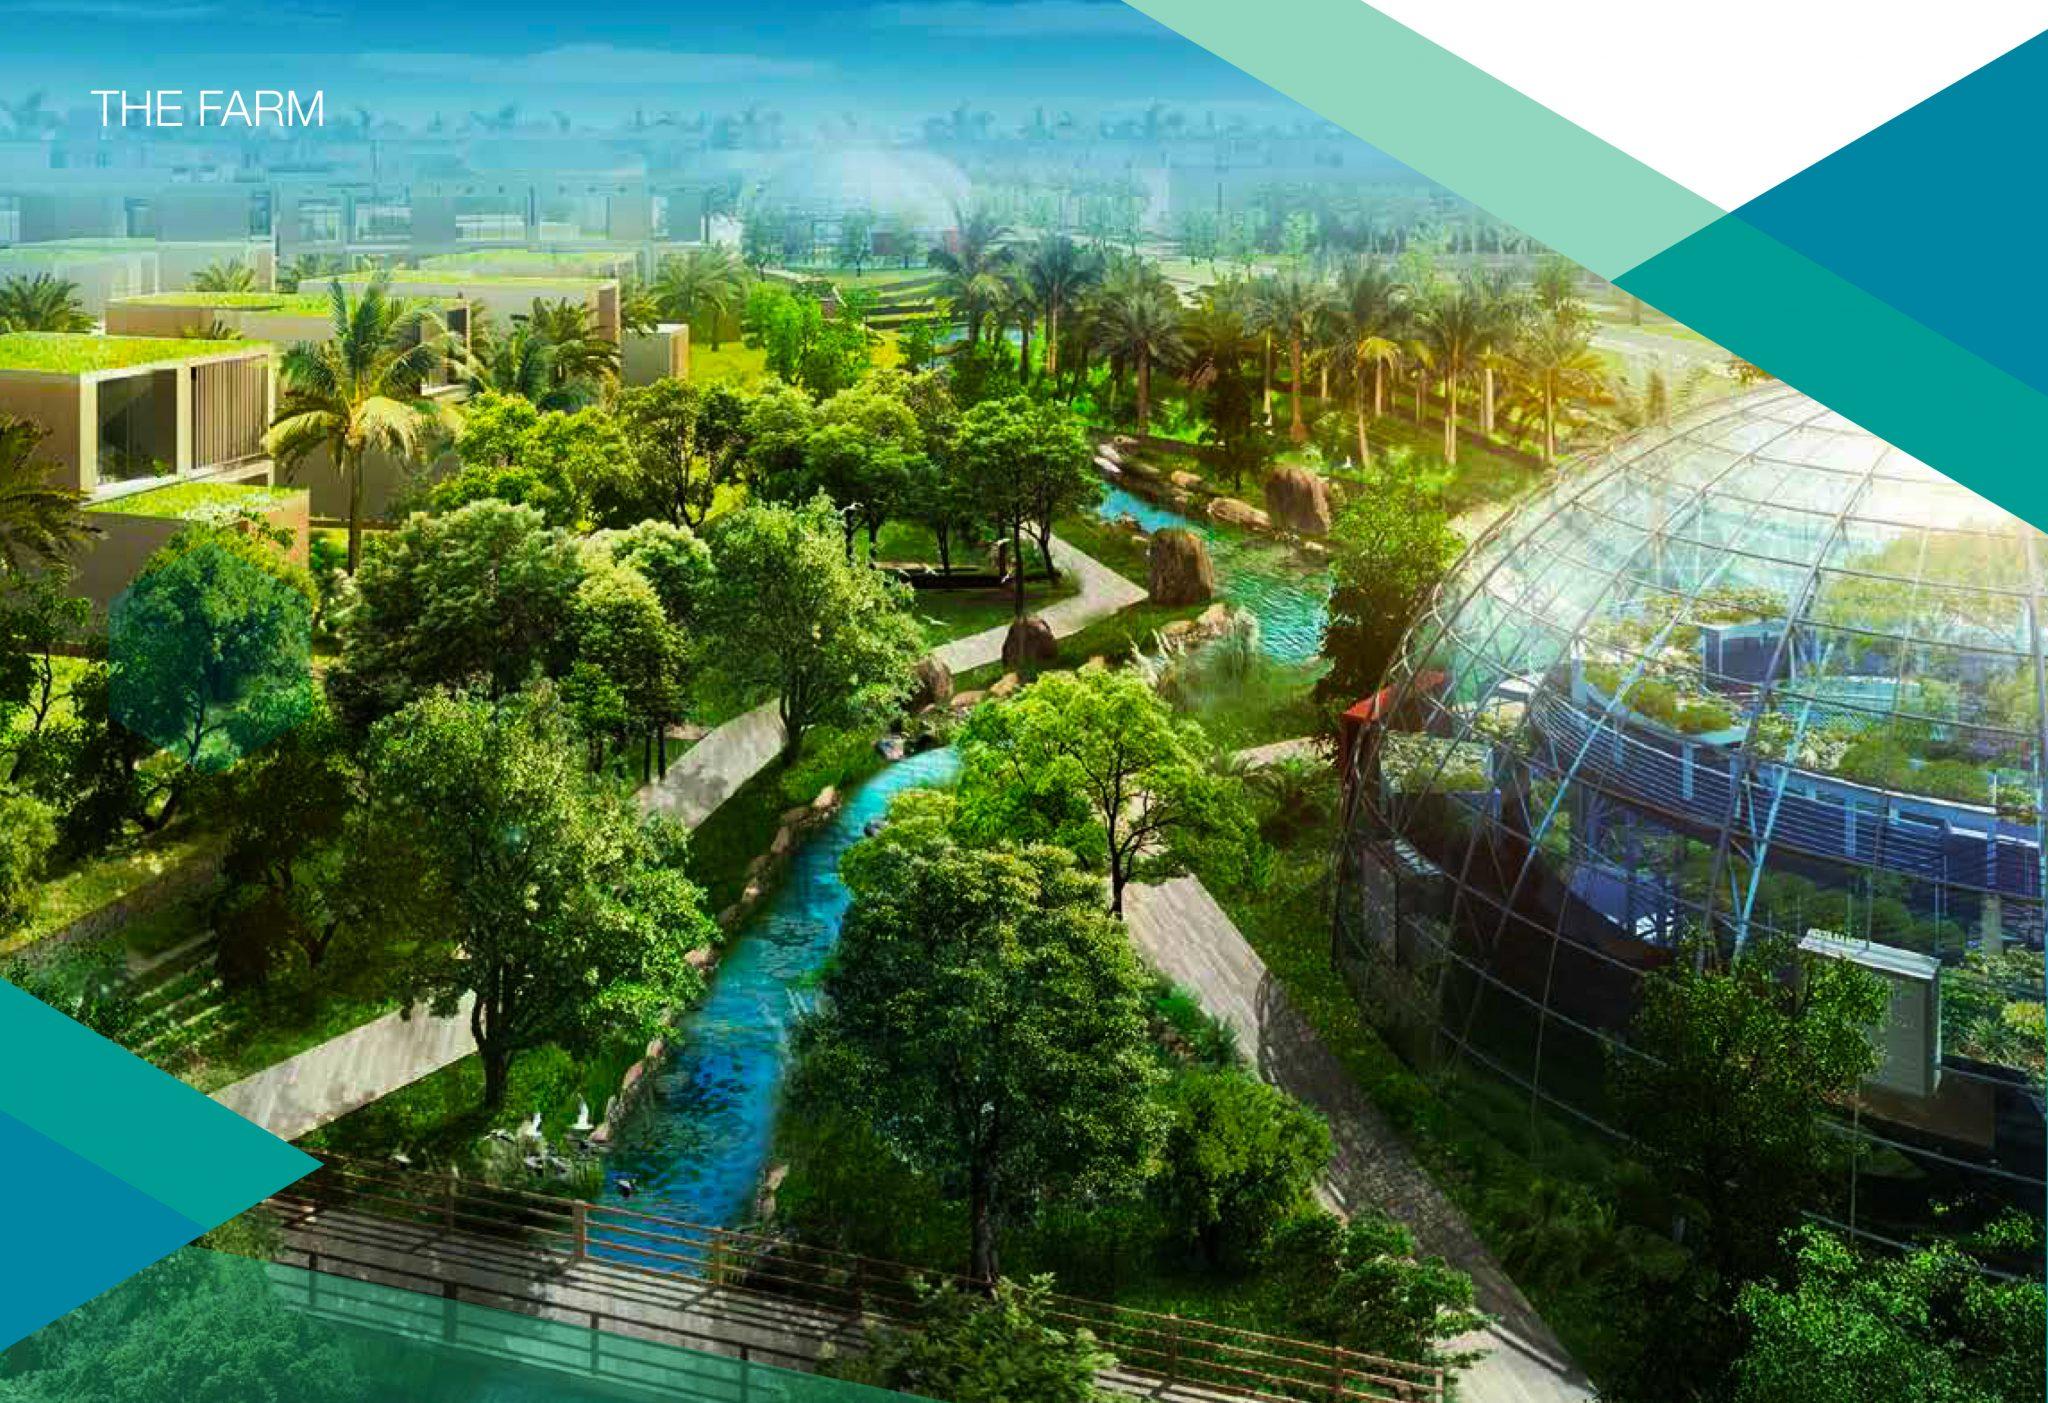 Ang Bukid, kabilang ang Biodome nito, sa loob ng Sustainable City na madaling ma-access sa mga bata sa Fairgreen School Dubai